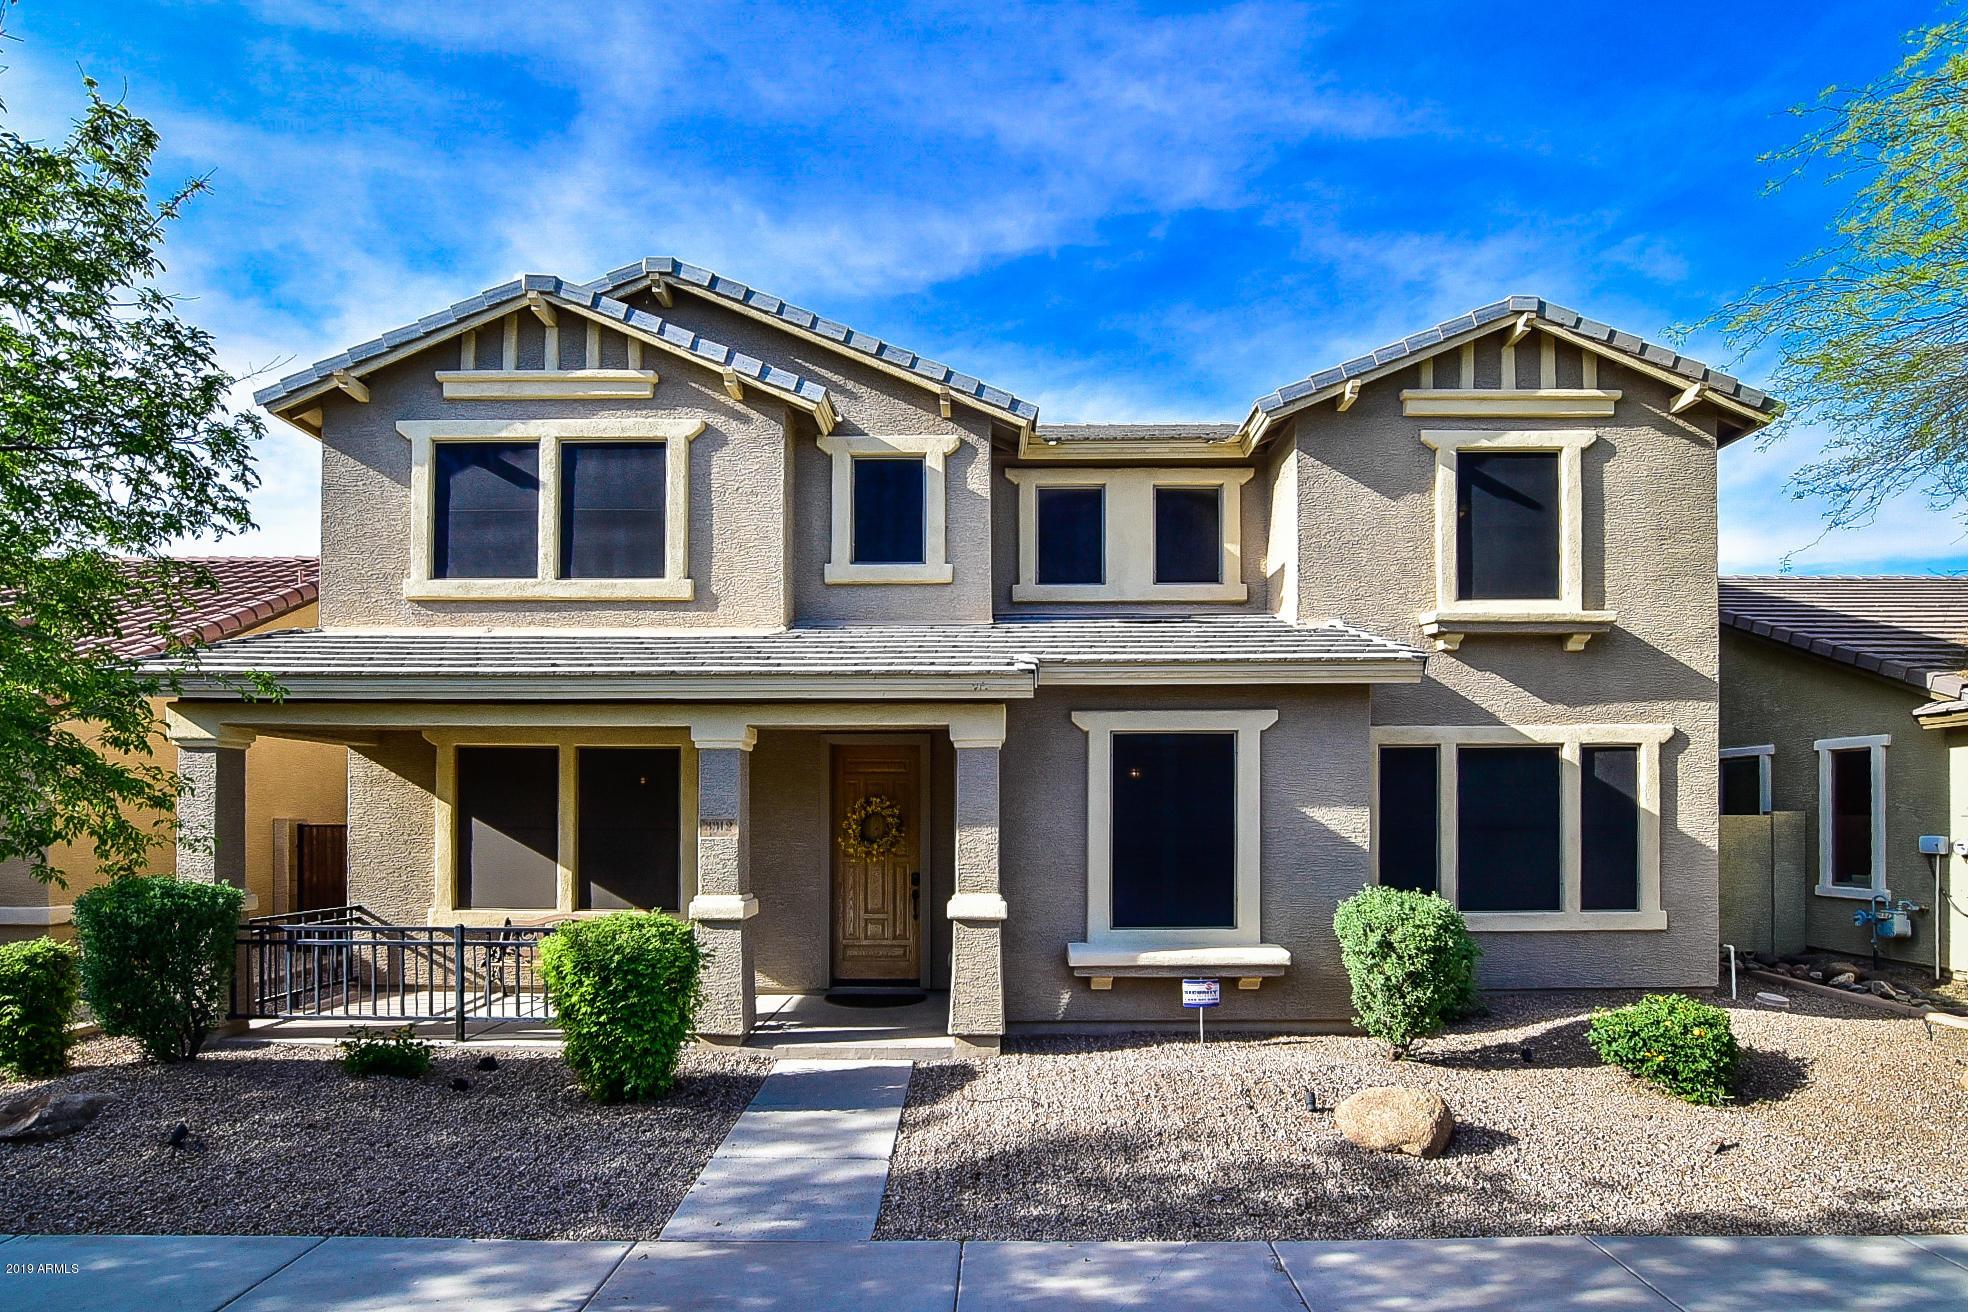 Photo of 3312 E IVANHOE Street, Gilbert, AZ 85295